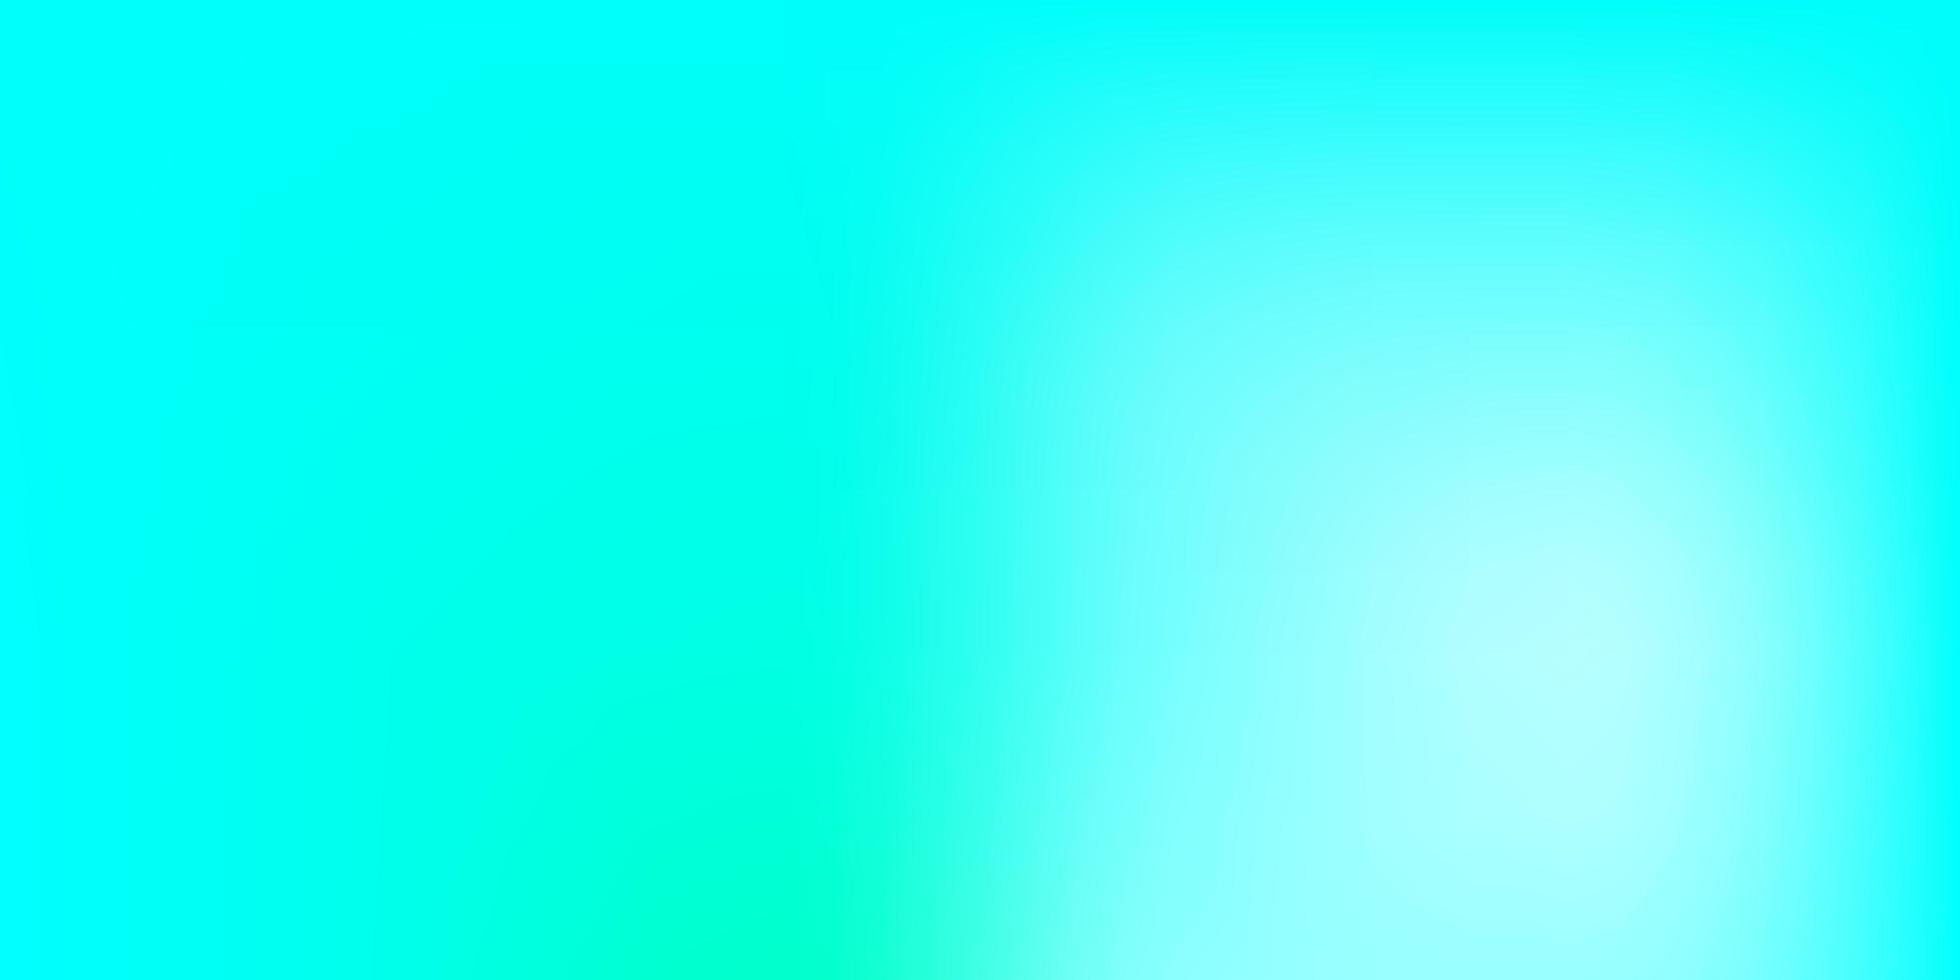 layout borrado de vetor verde claro.